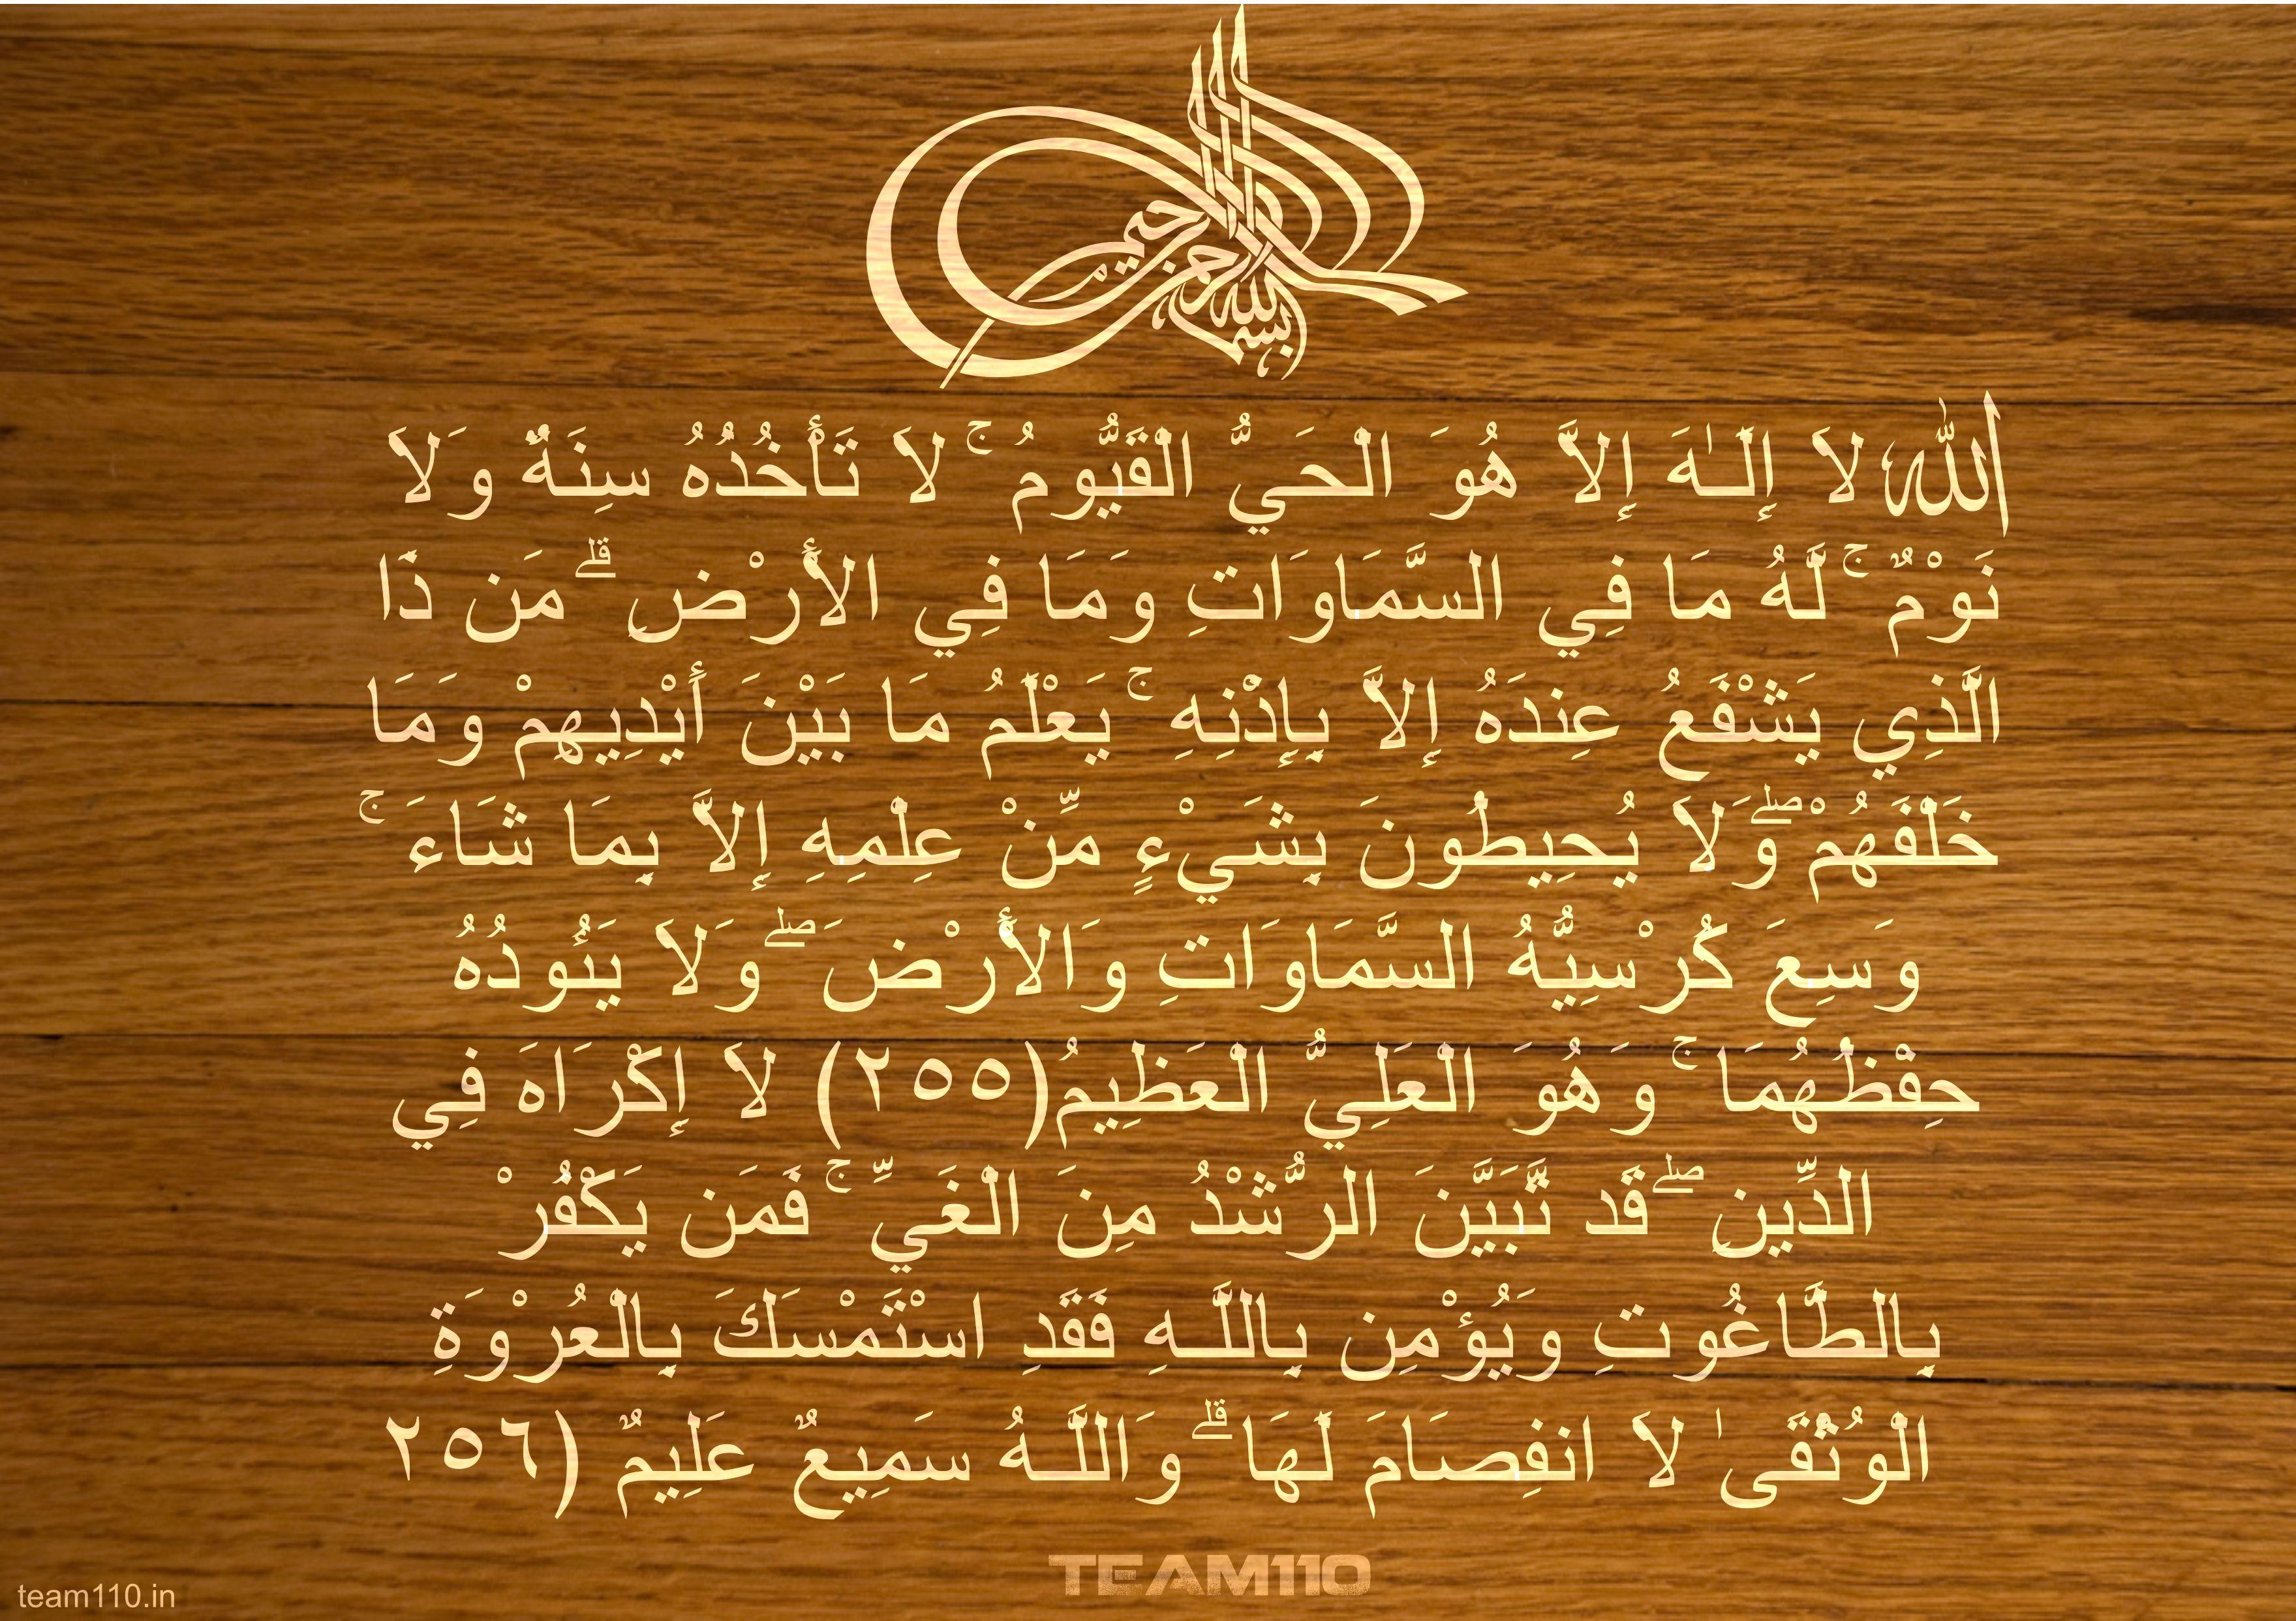 Ayat Ul Kursi Quran Pinterest Quran Islam And Islamic Wallpaper